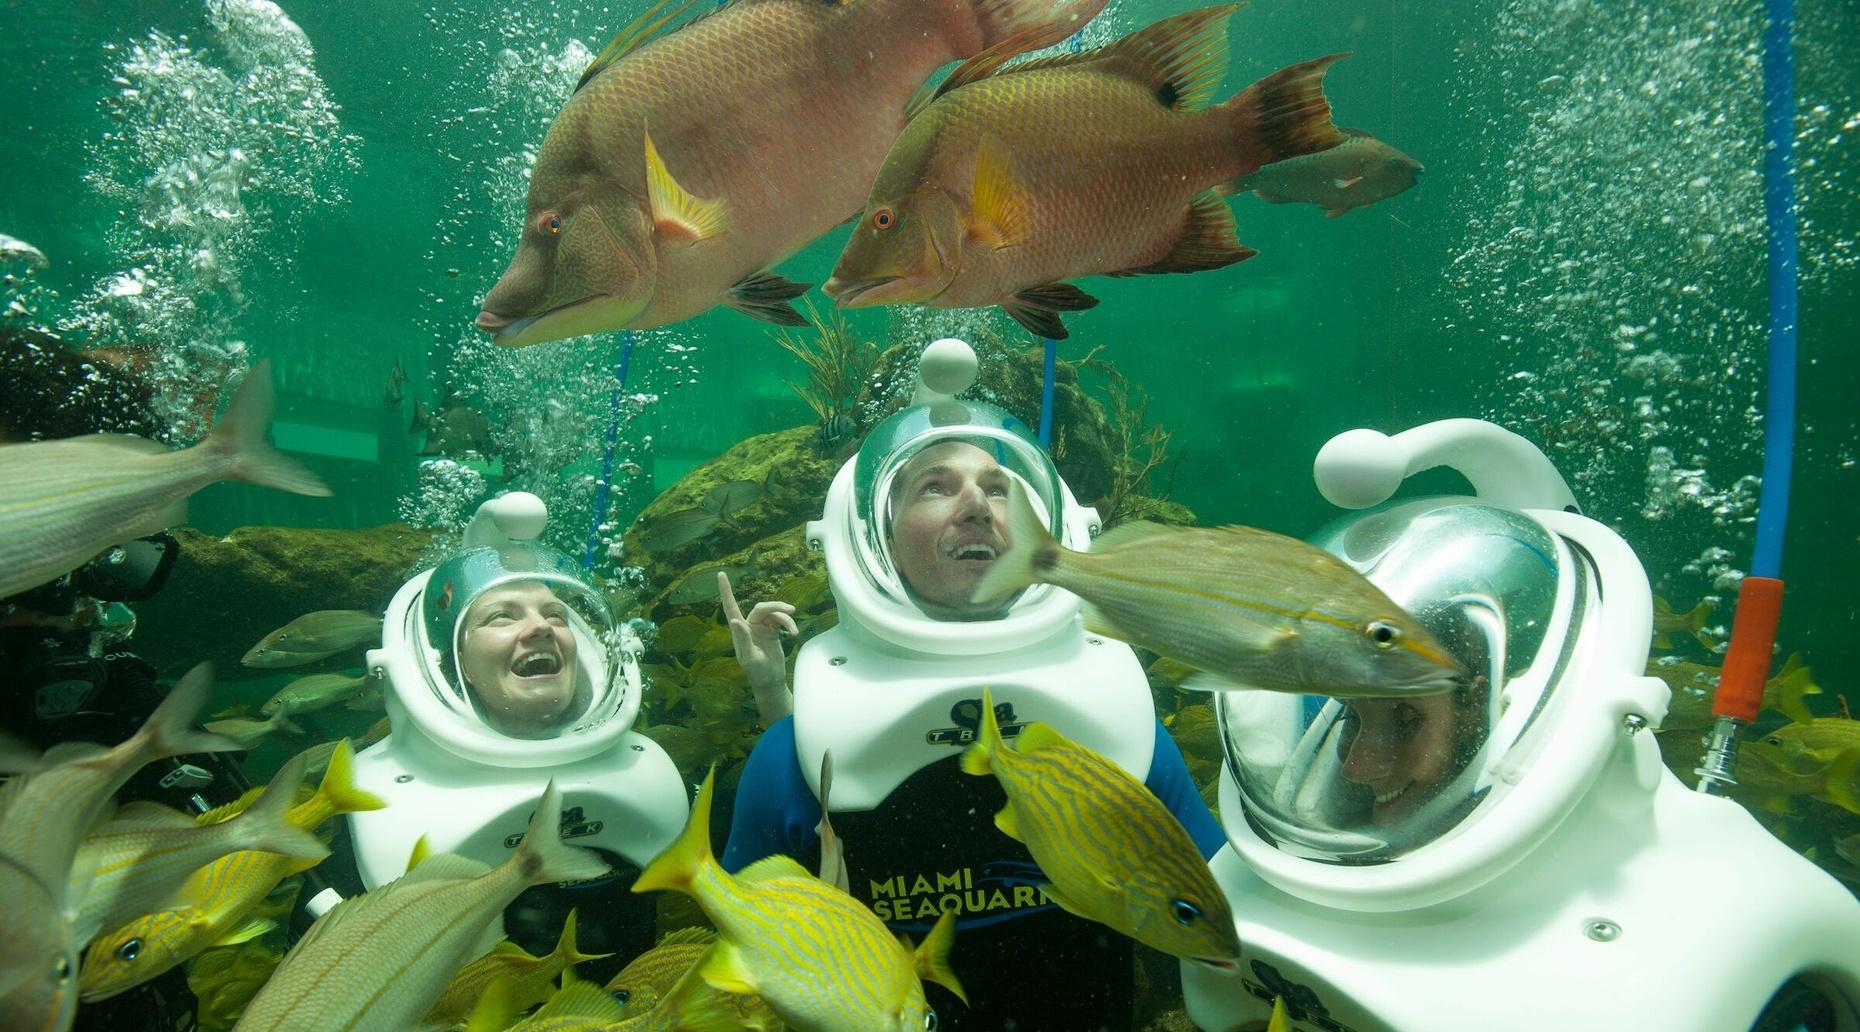 Sea Trek Reef Encounter at Miami Seaquarium